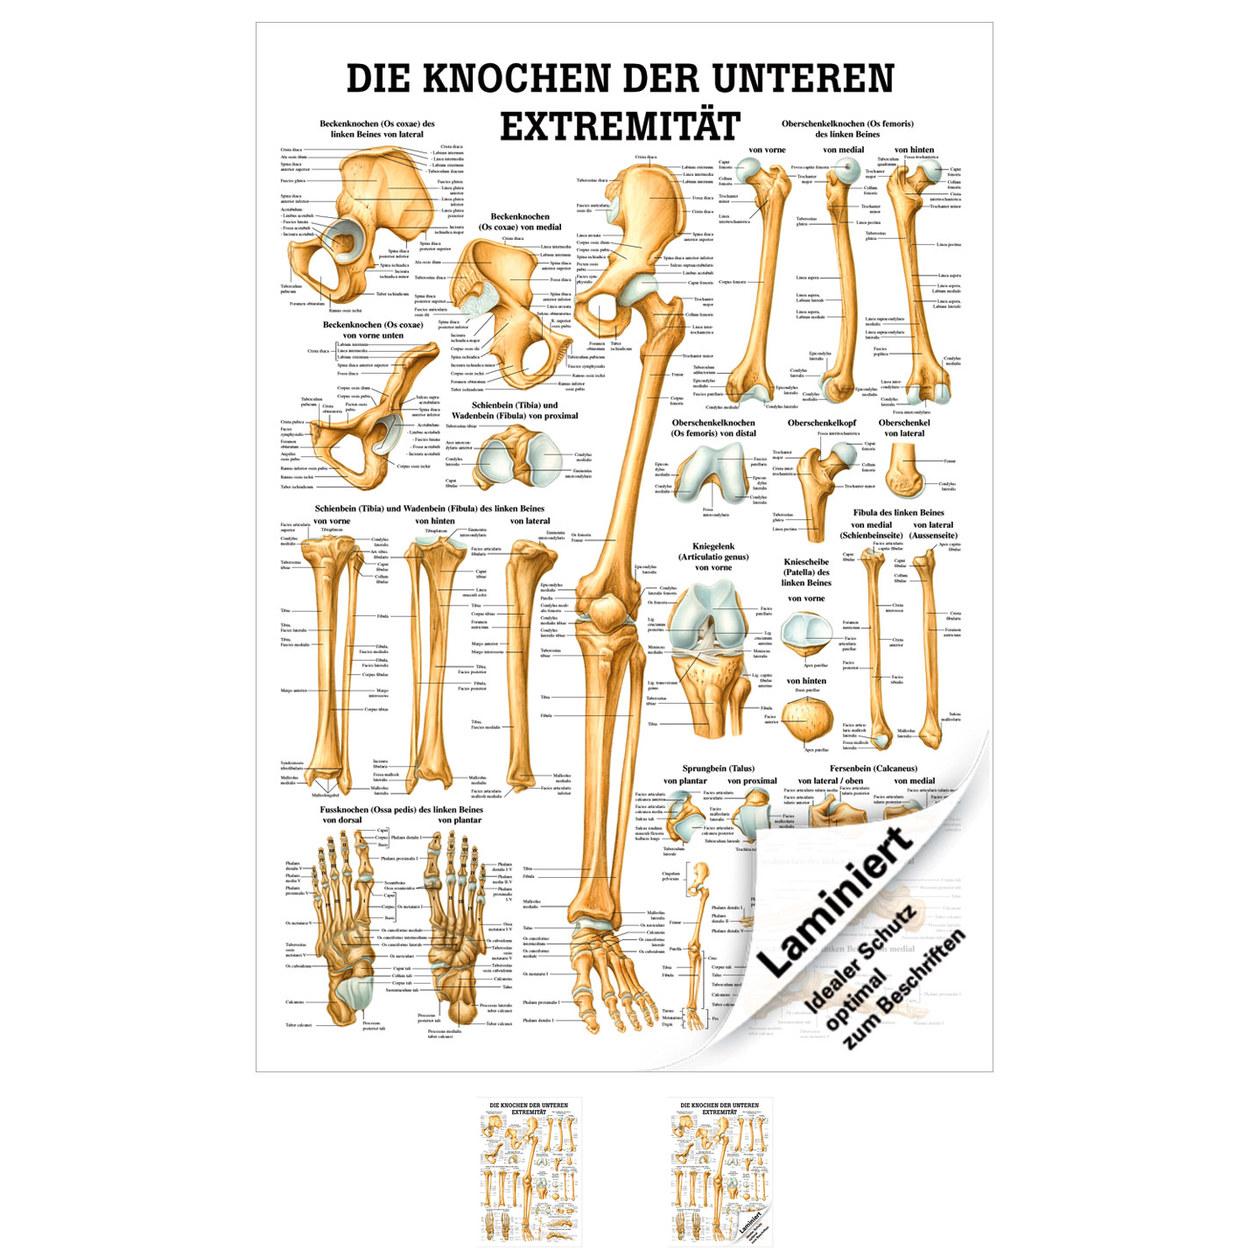 Nett Fibula Knochen Ideen - Anatomie Und Physiologie Knochen Bilder ...